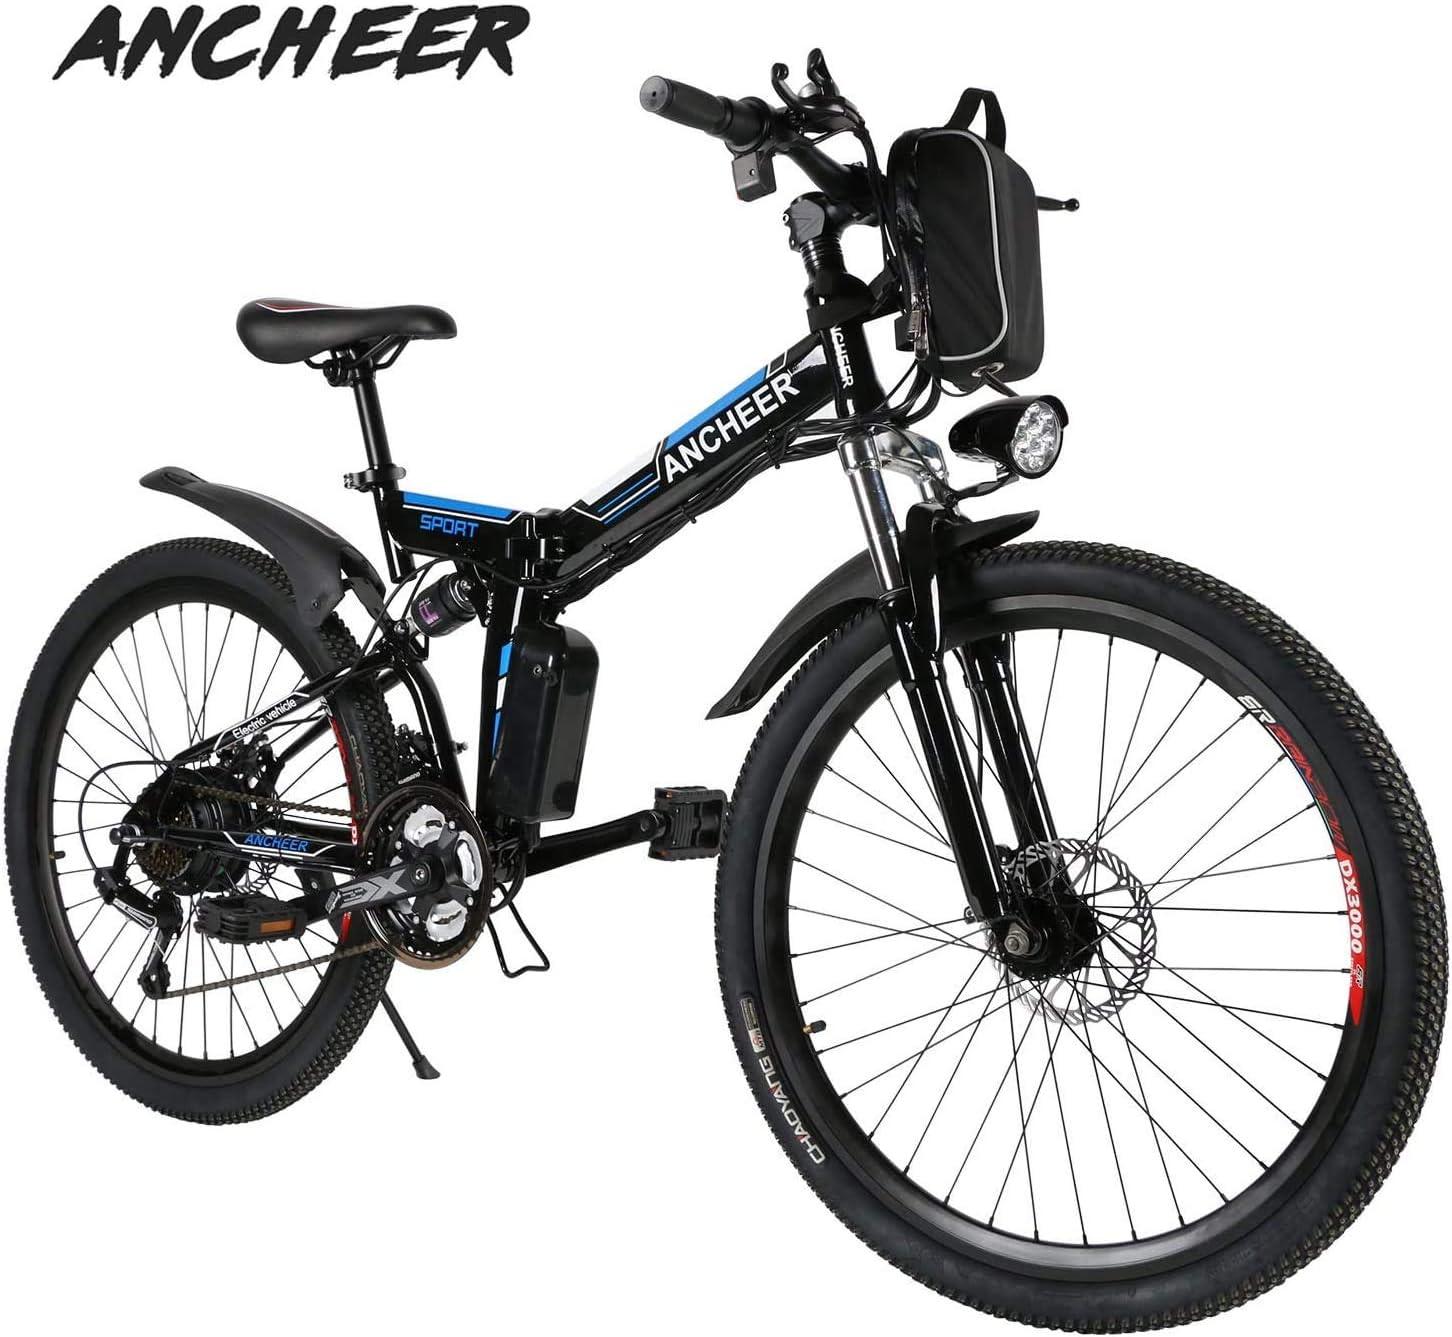 Ancheer Bicicleta Eléctrica de Montaña Bicicleta Eléctrica de 26 Pulgadas Plegable con Batería de Litio (36V 250W) 21 Velocidades de Suspensión Completa Premium y Equipo Shimano (Negro Plegable): Amazon.es: Deportes y aire